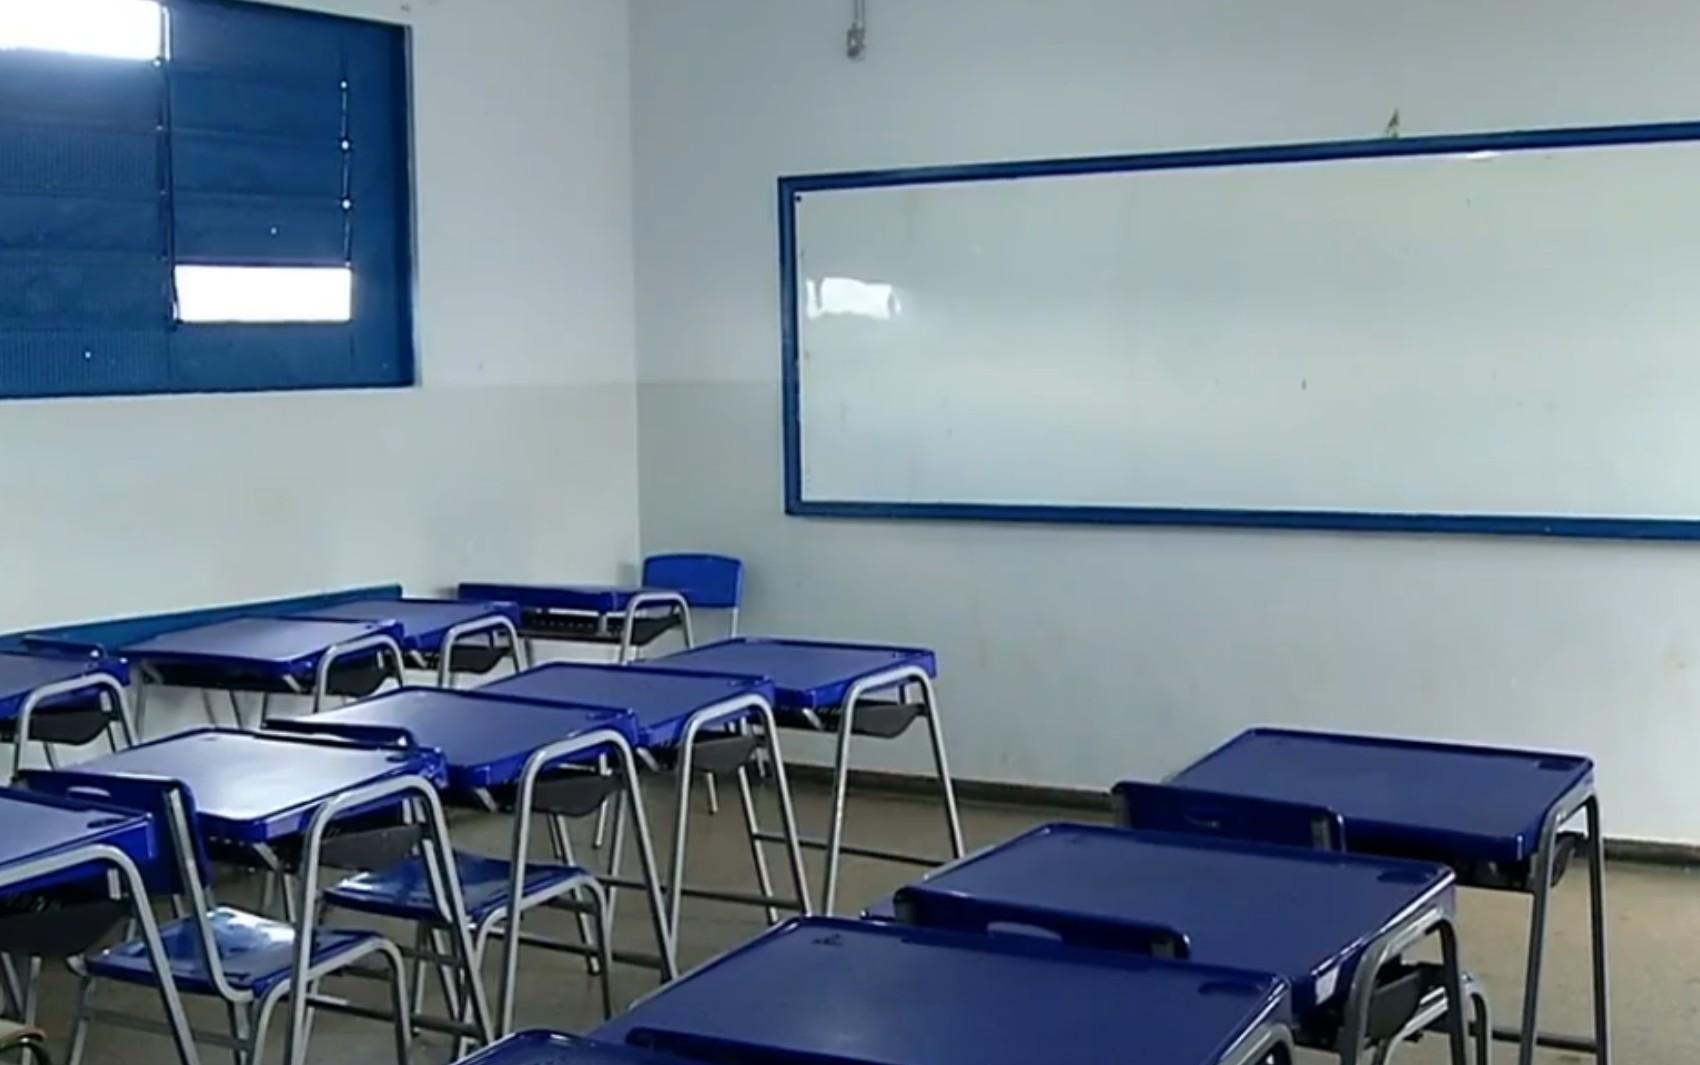 Justiça nega retorno a cursinho de aluna expulsa após chamar professor de 'pamonha', em Goiânia